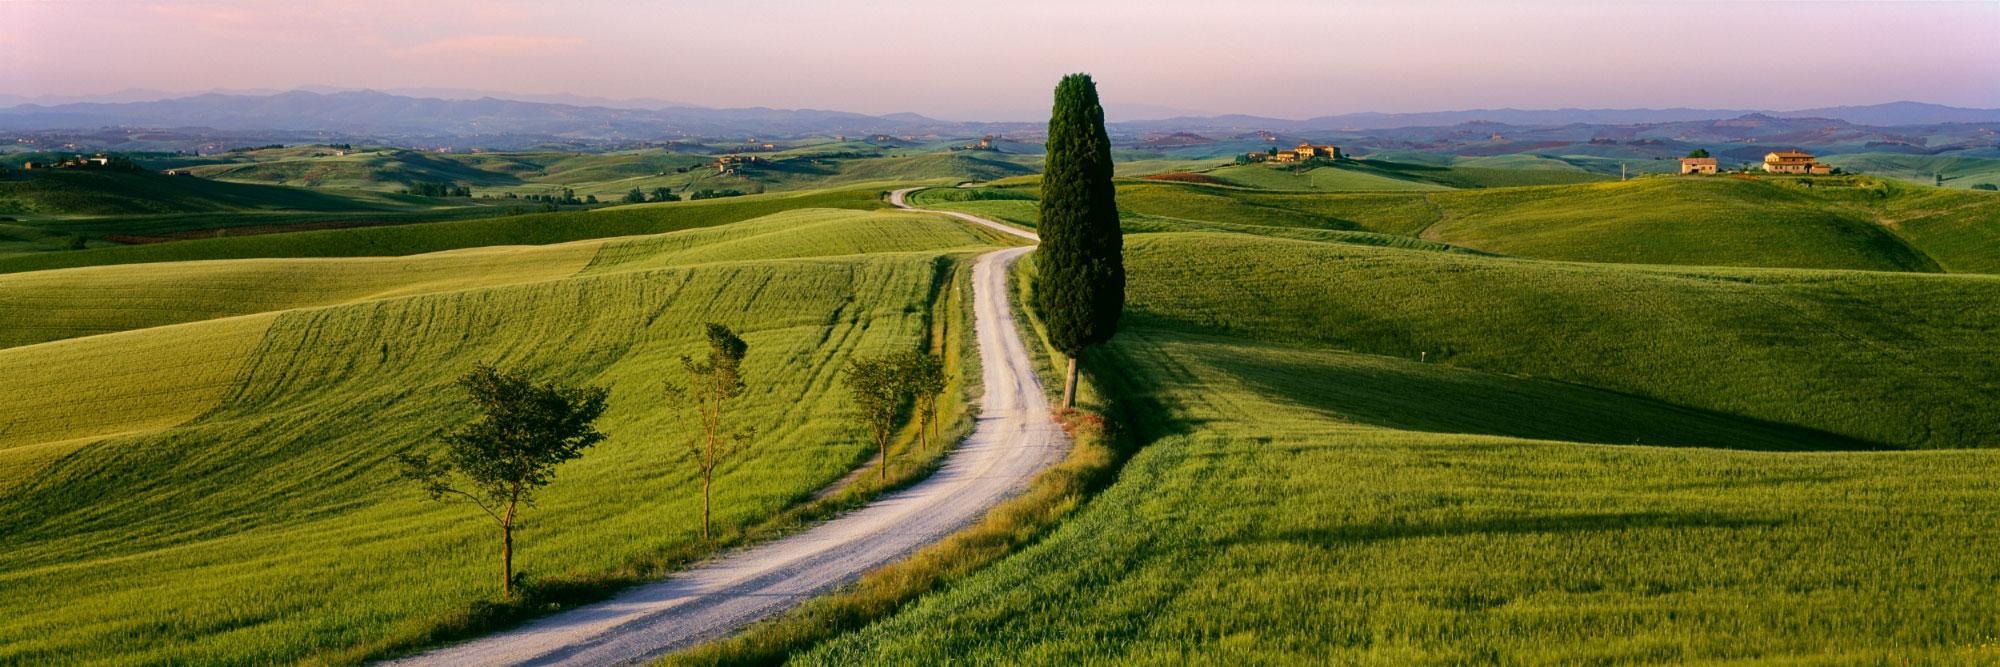 Chemin de terre et villas, Corsano